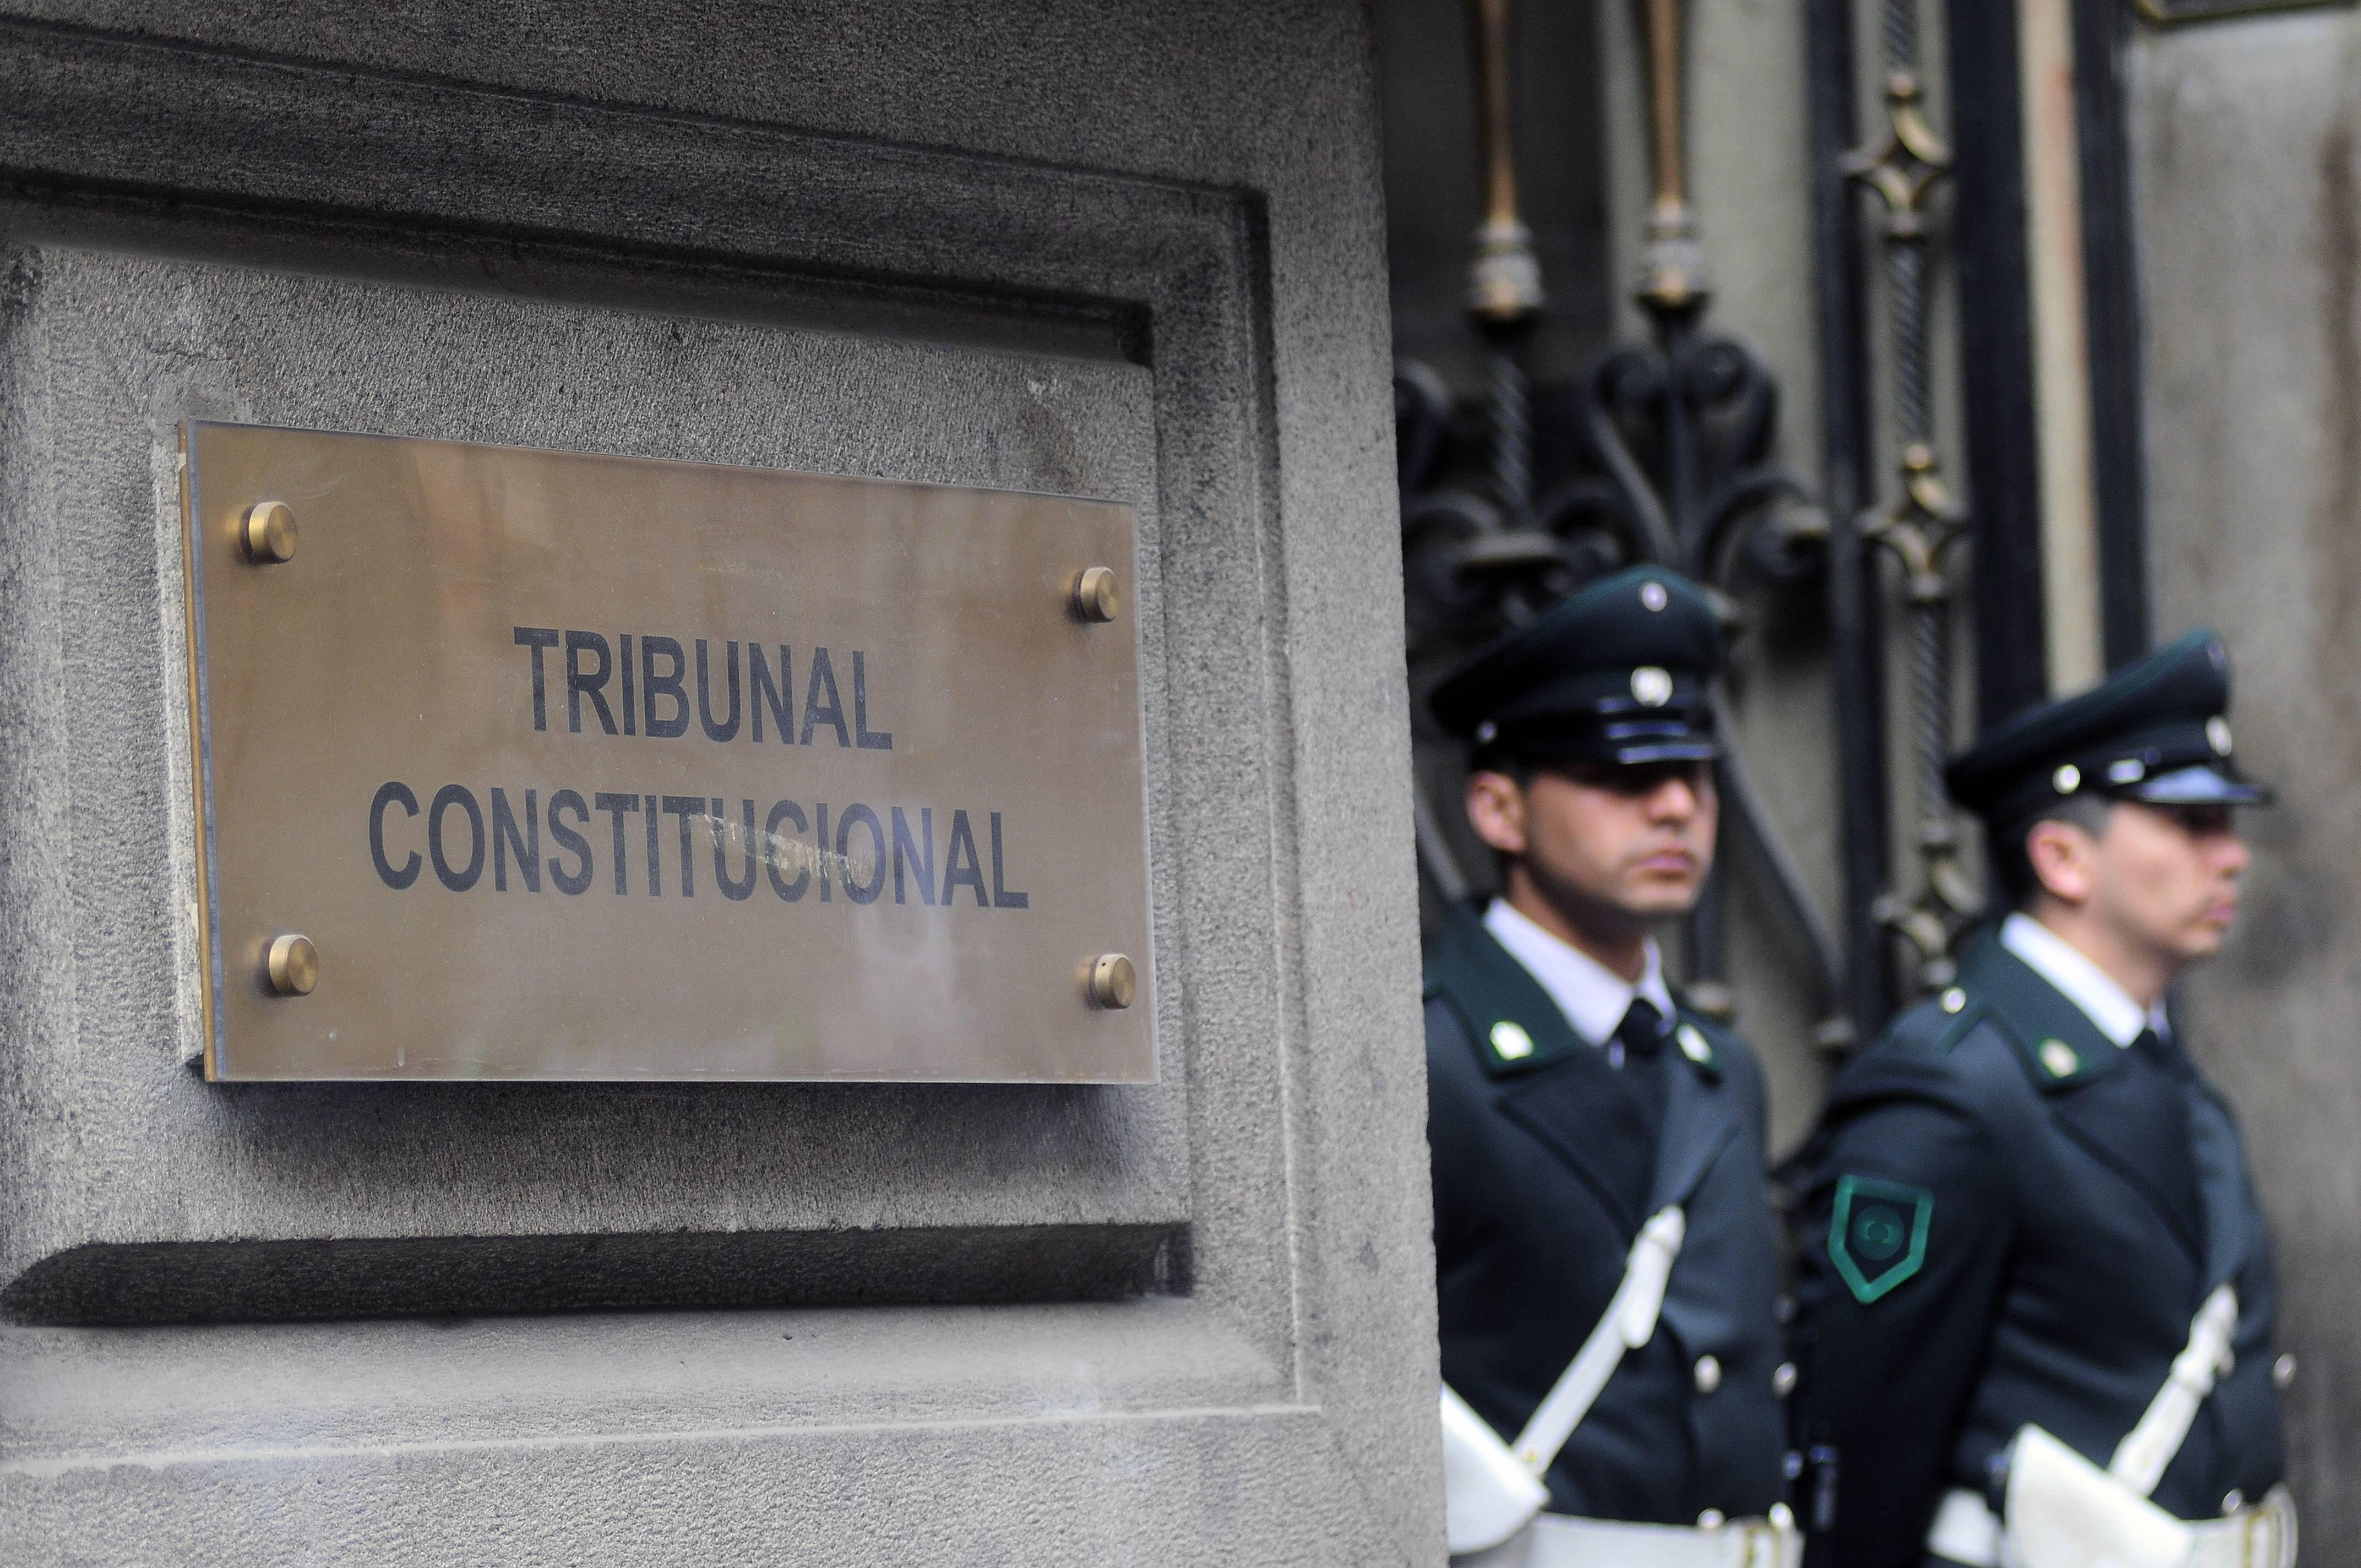 135 organizaciones exponen ante Tribunal Constitucional argumentos sobre Ley de Aborto